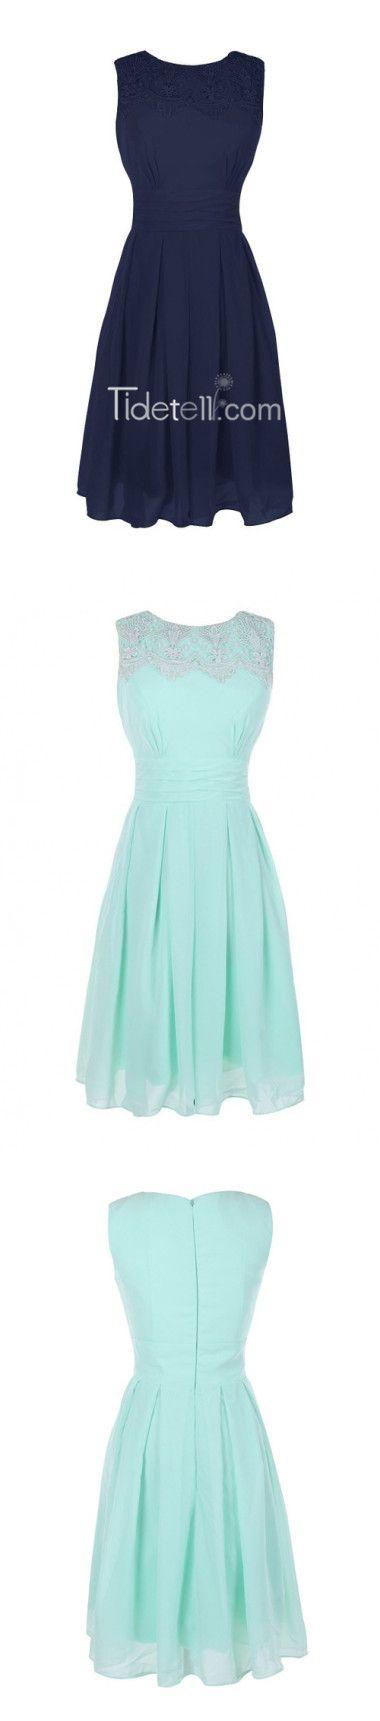 A-line Jewel Knee-length Dress